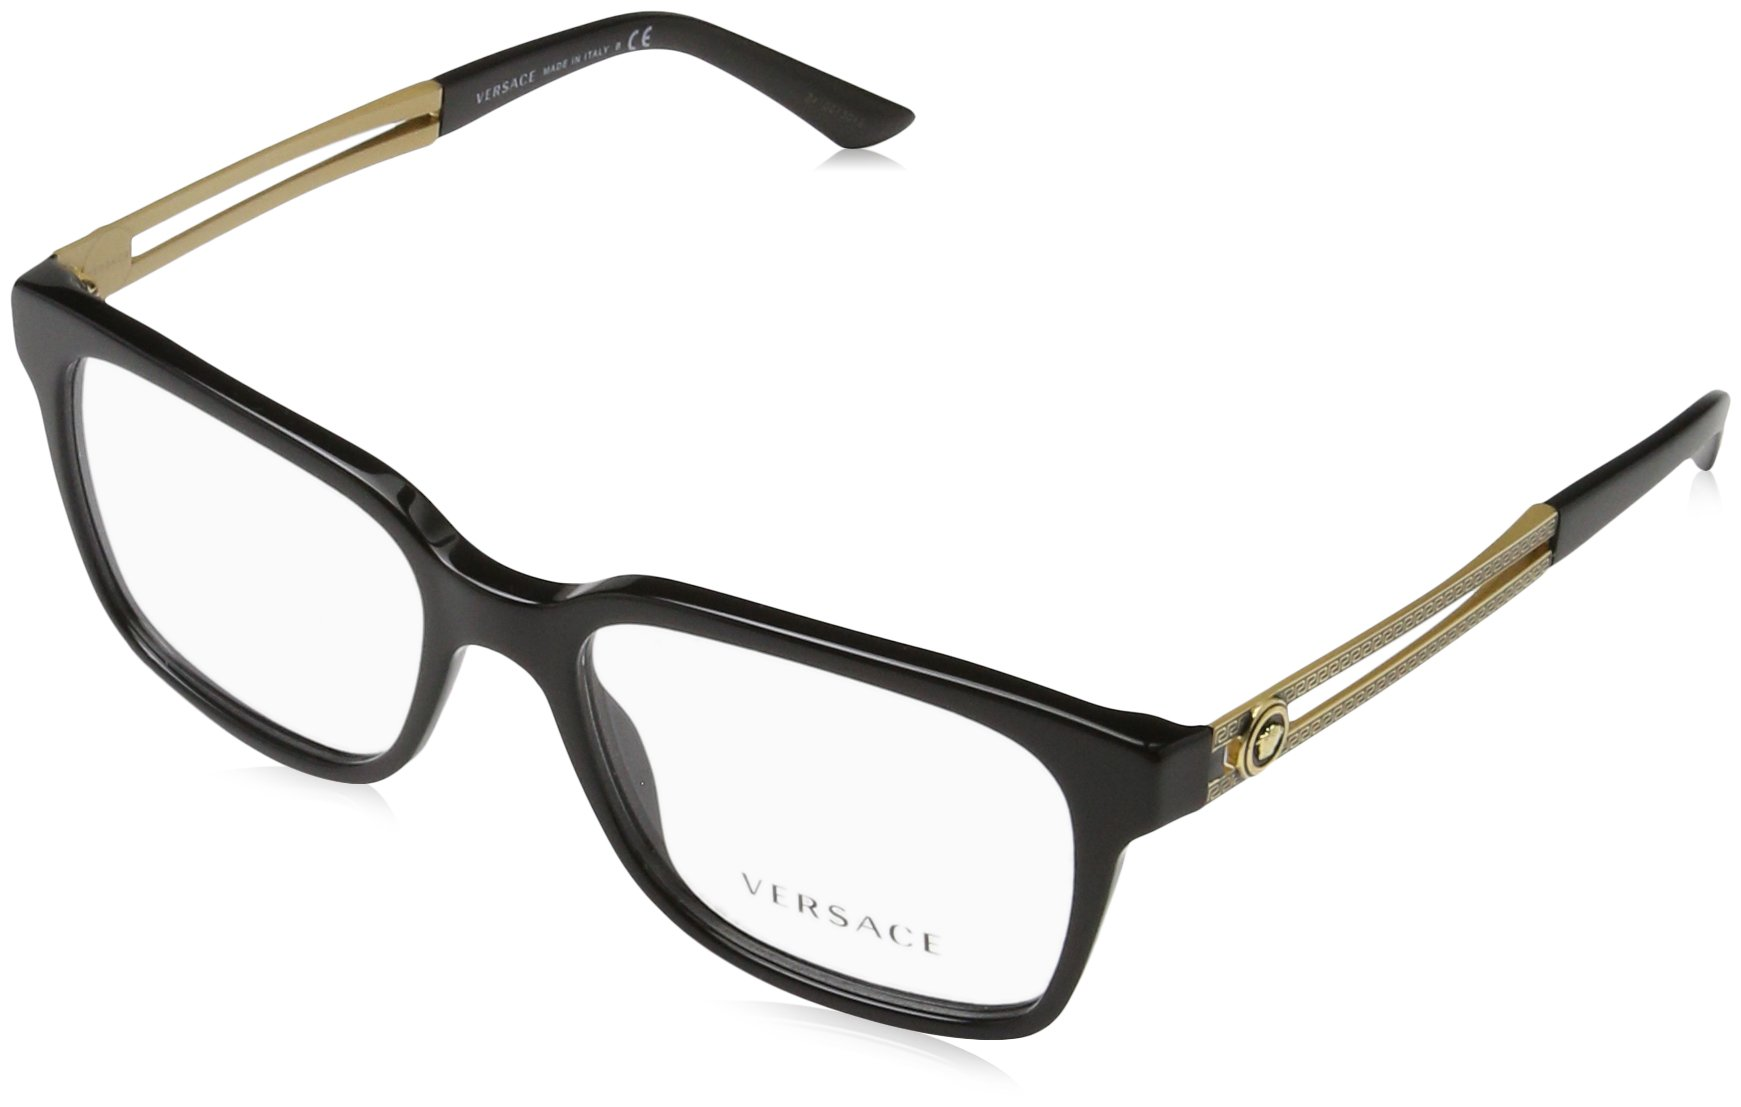 Versace VE 3218 Eyeglasses GB1 Black